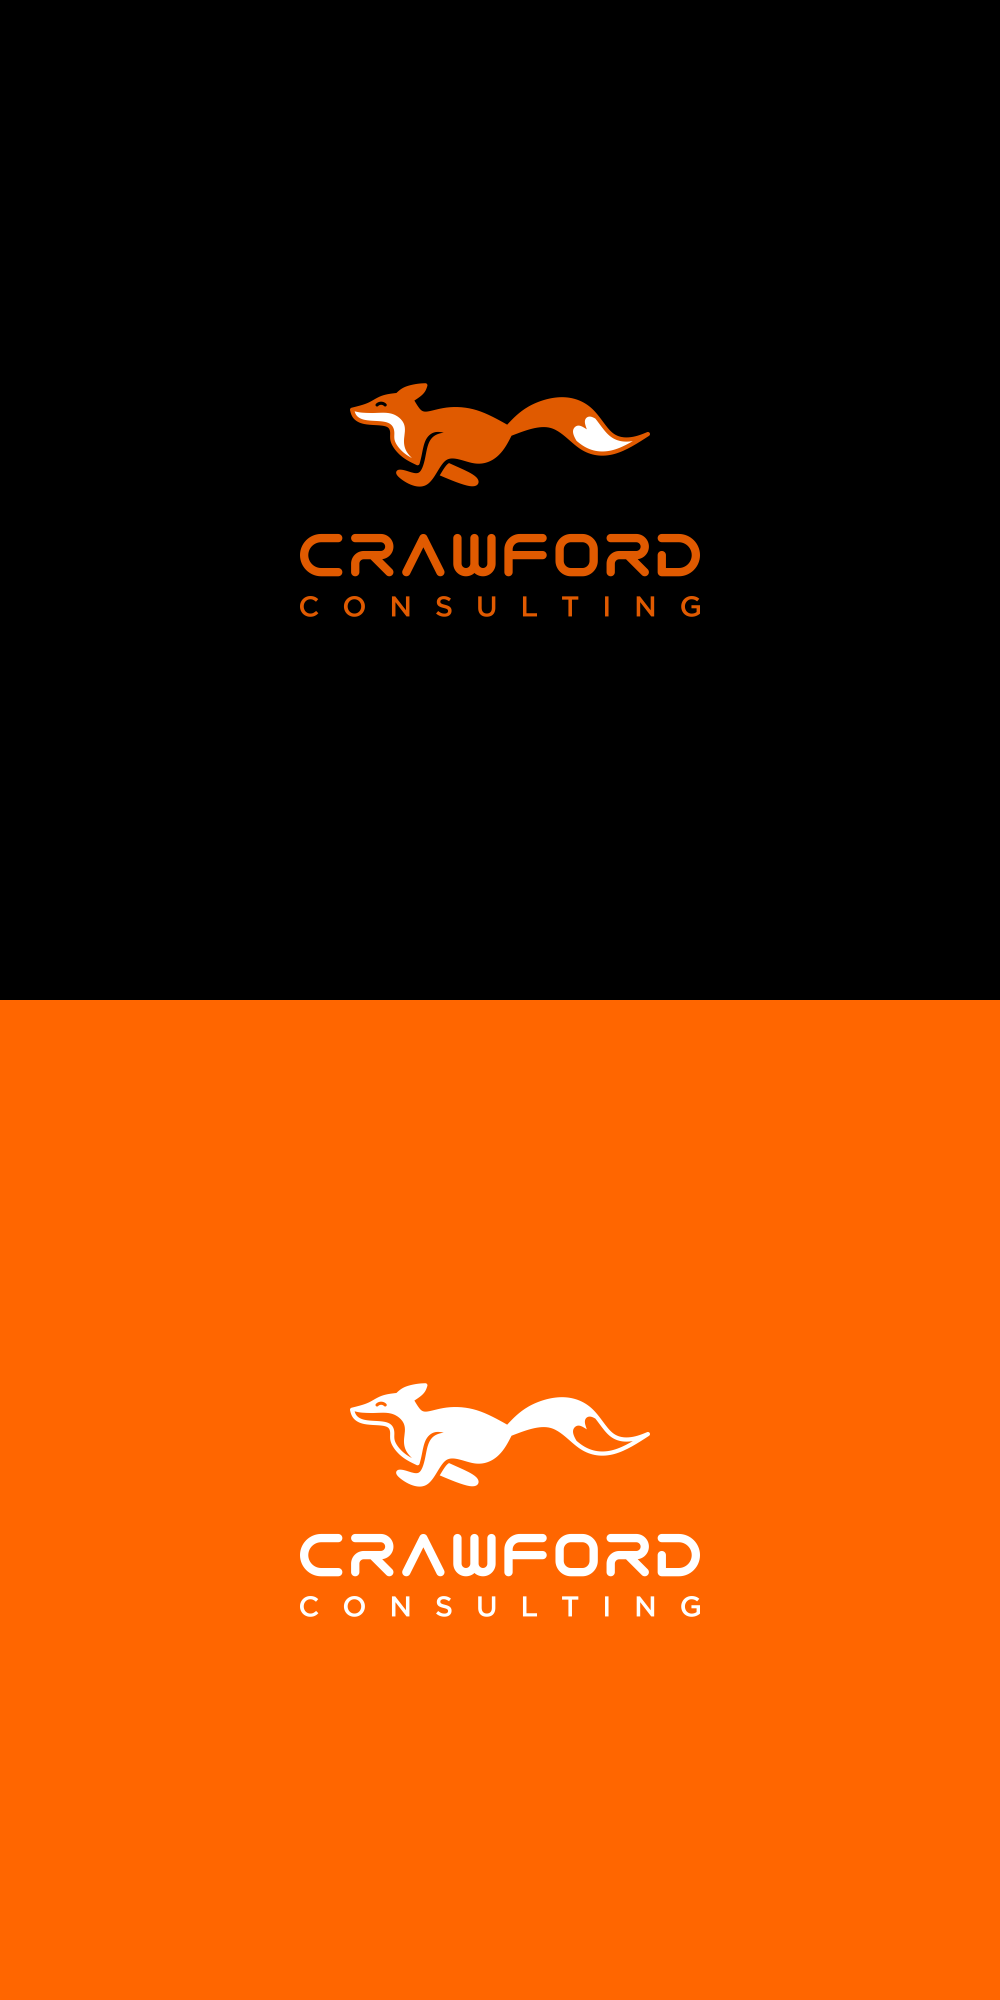 Fox logo needed for small tech company